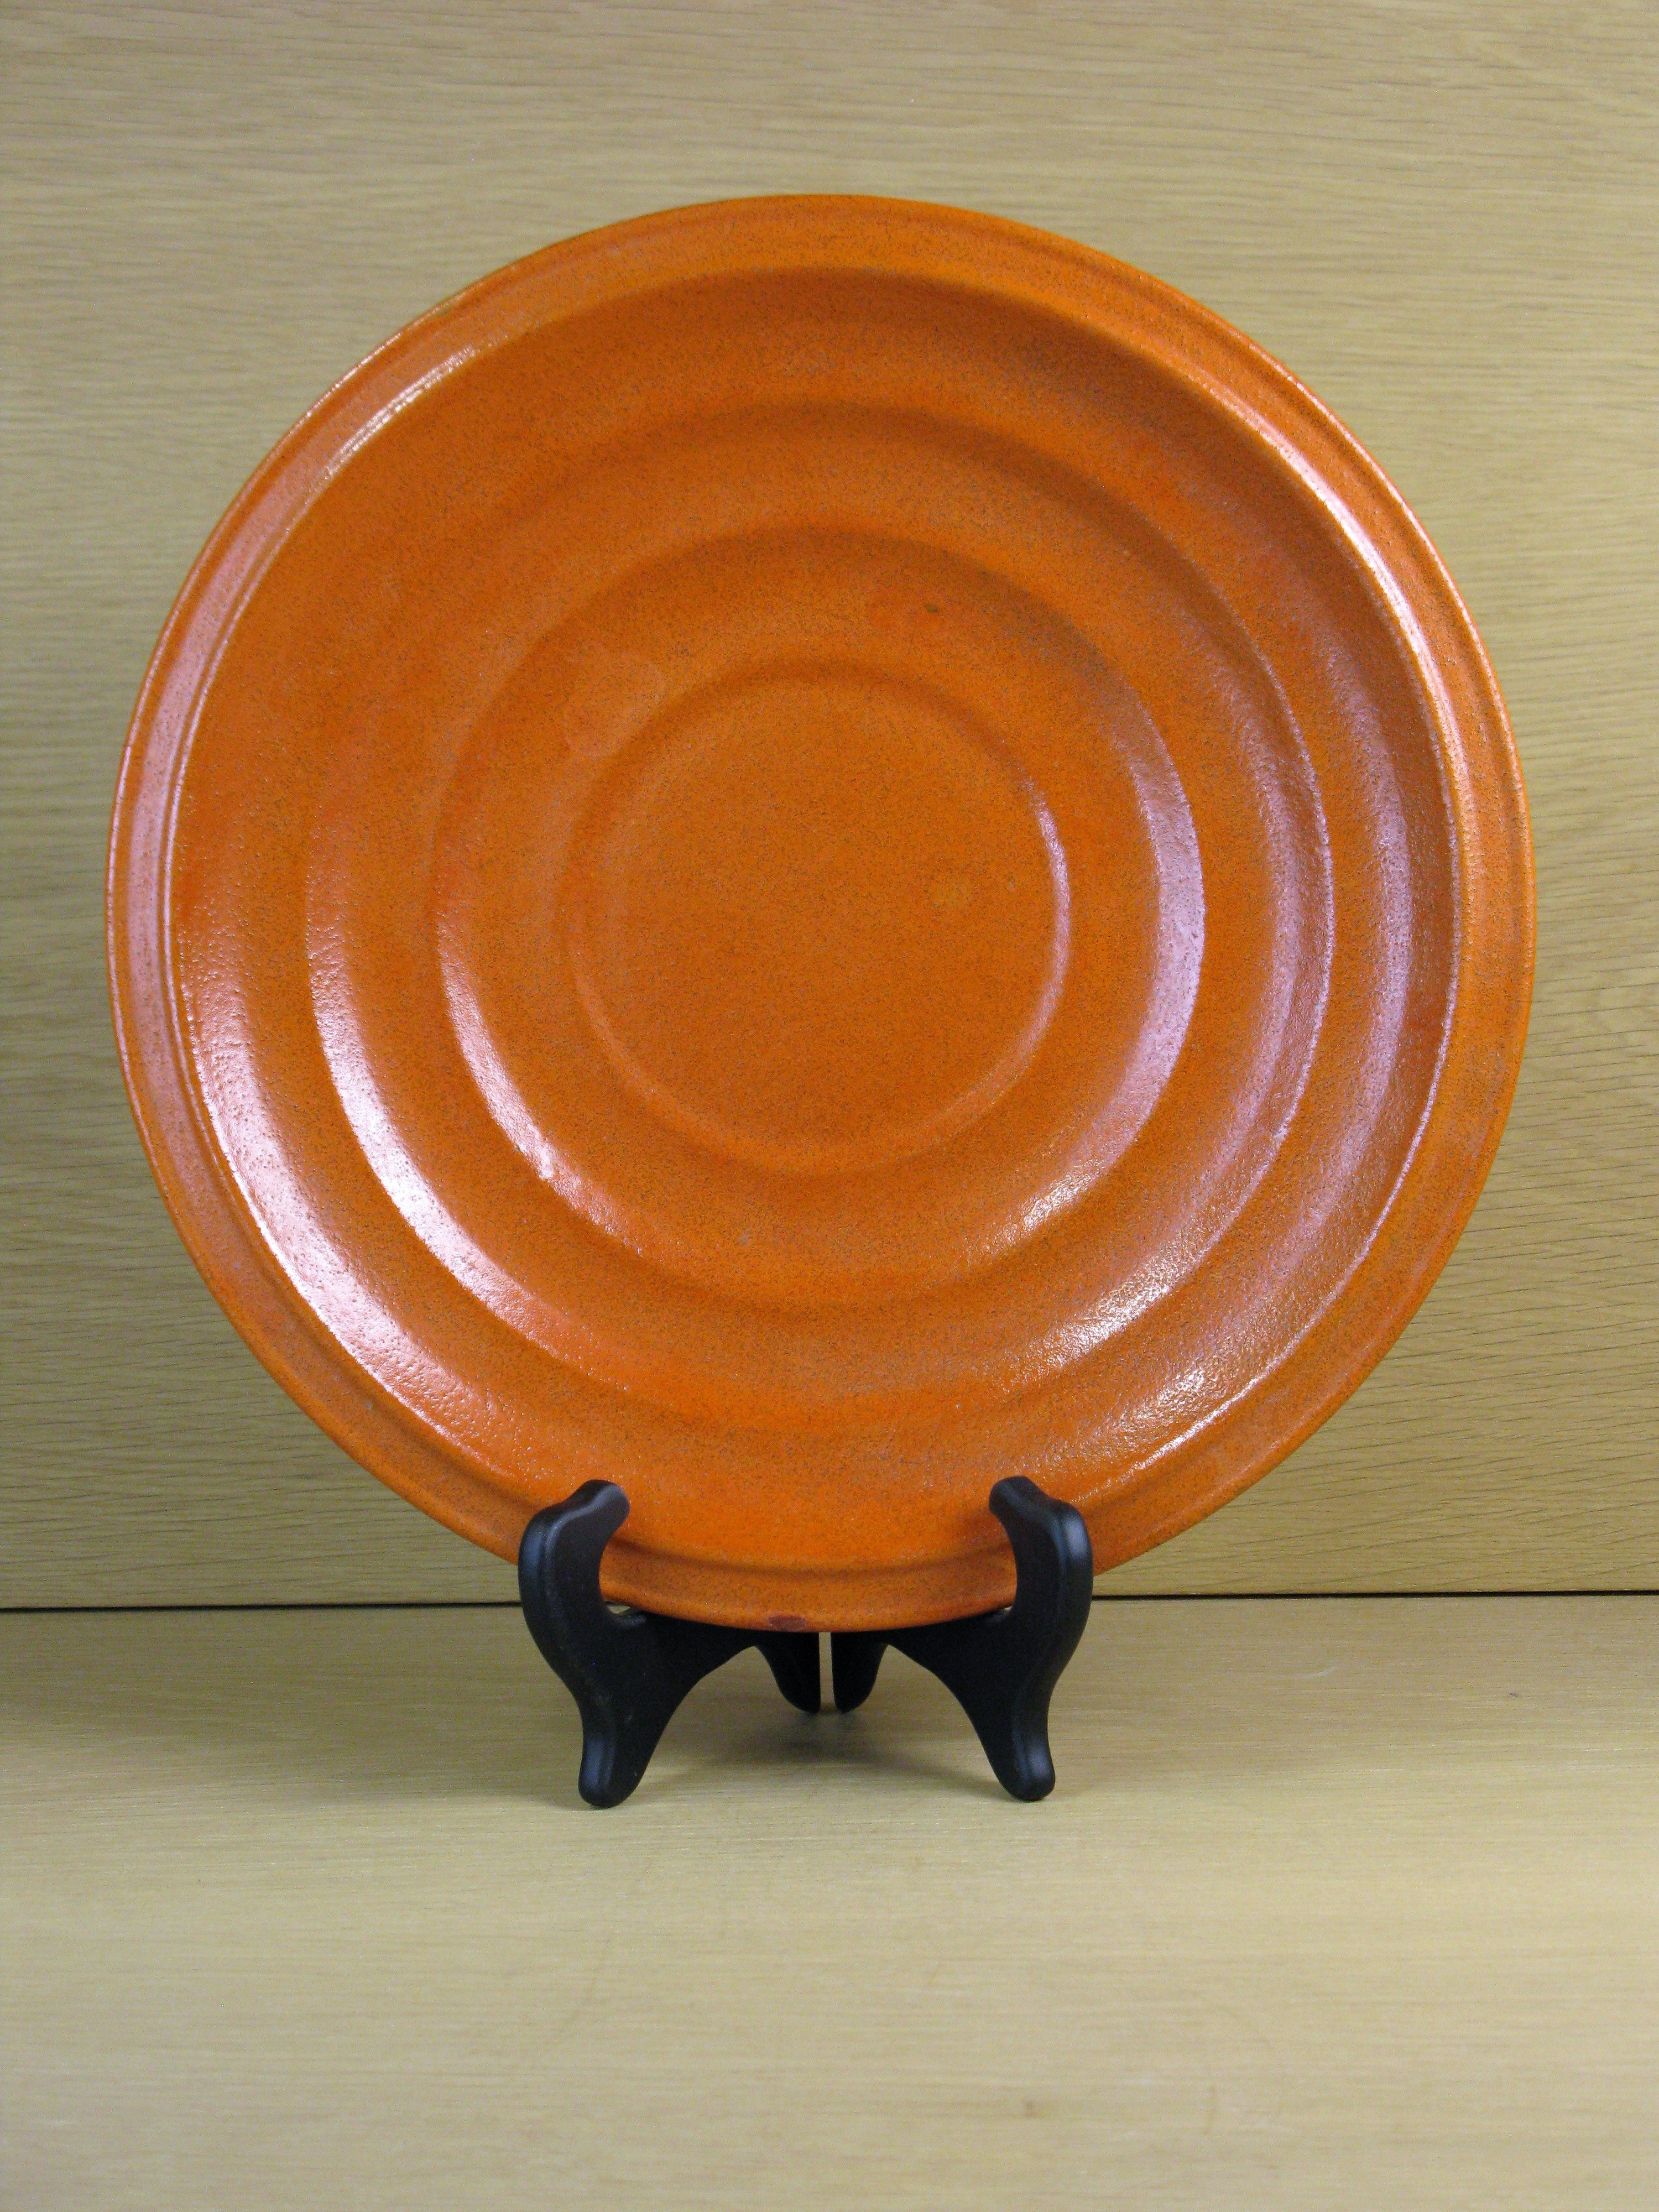 orange bowl 3138a